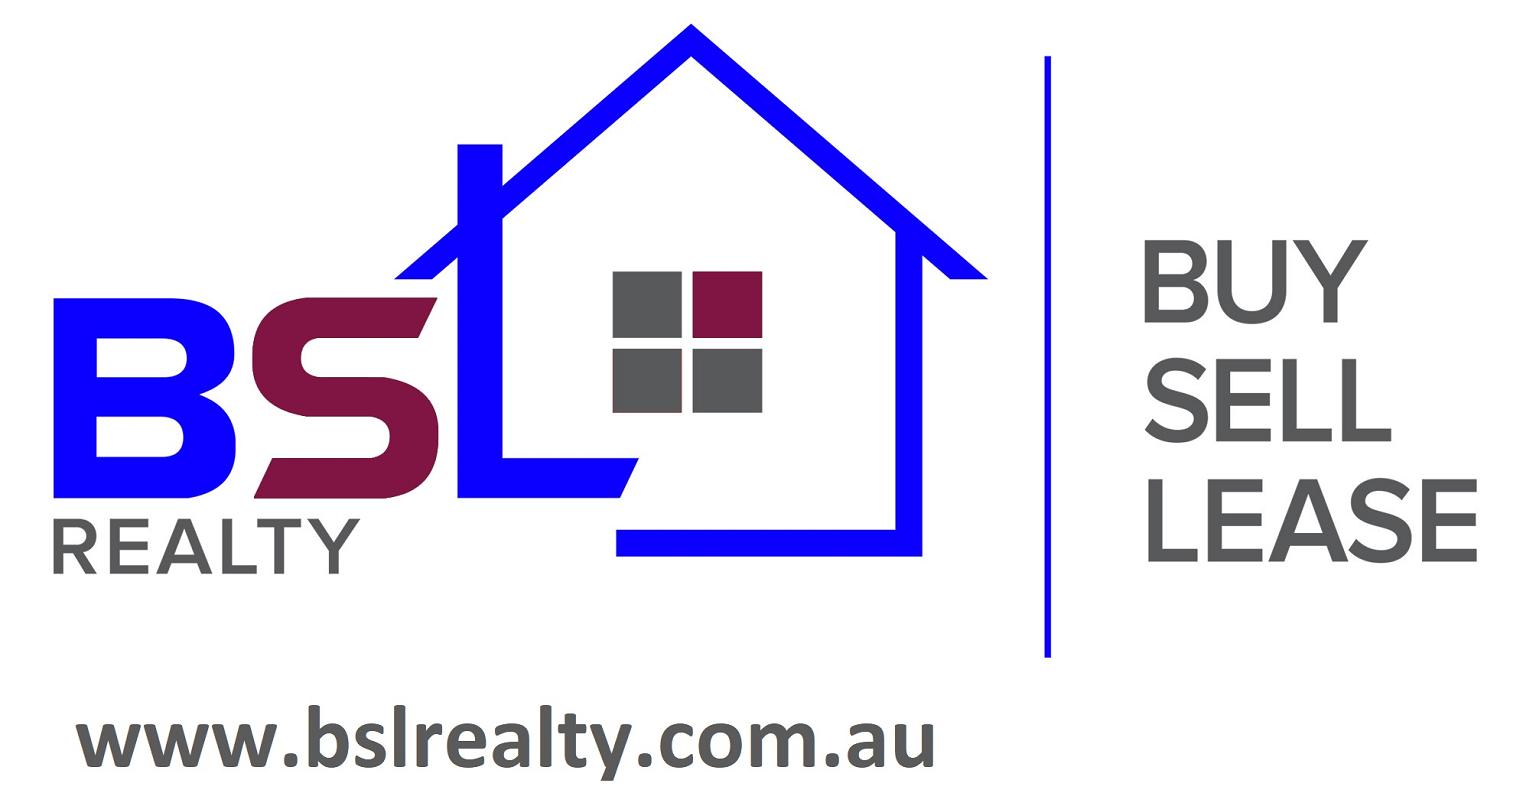 BSL Realty.com.au